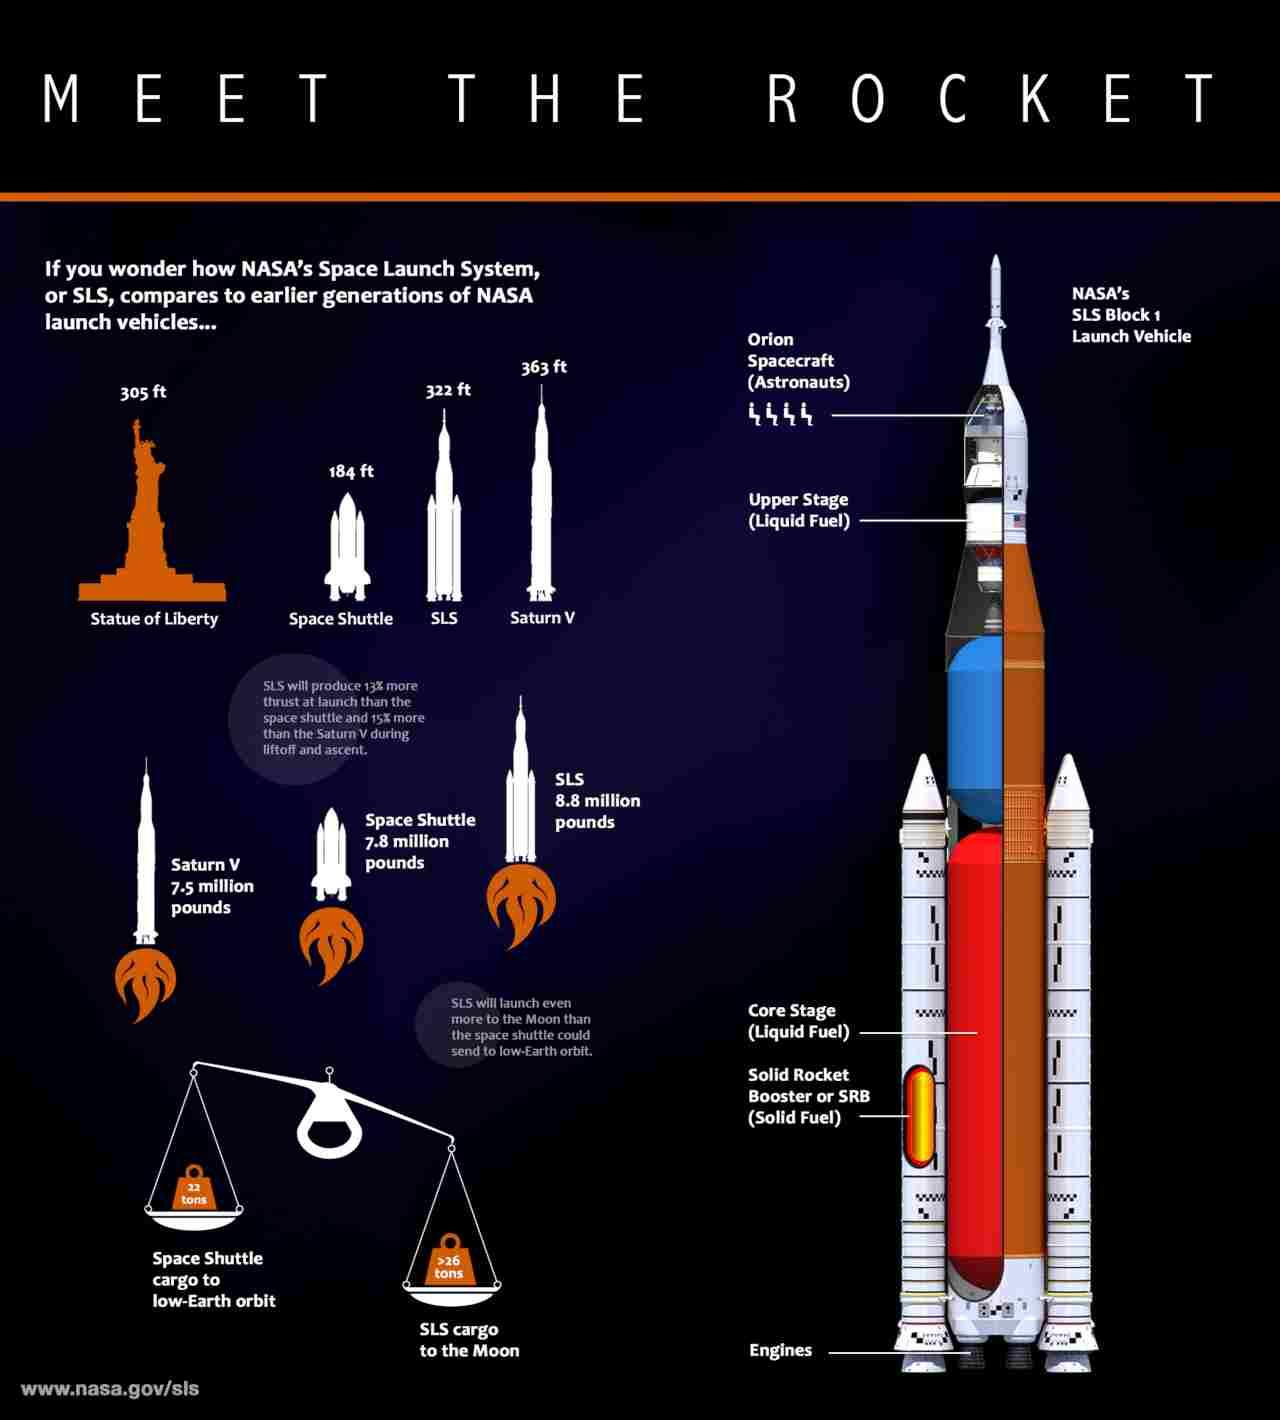 La fusée SLS de la NASA fait face à un nouveau revers qui pourrait retarder le retour des astronautes sur la lune